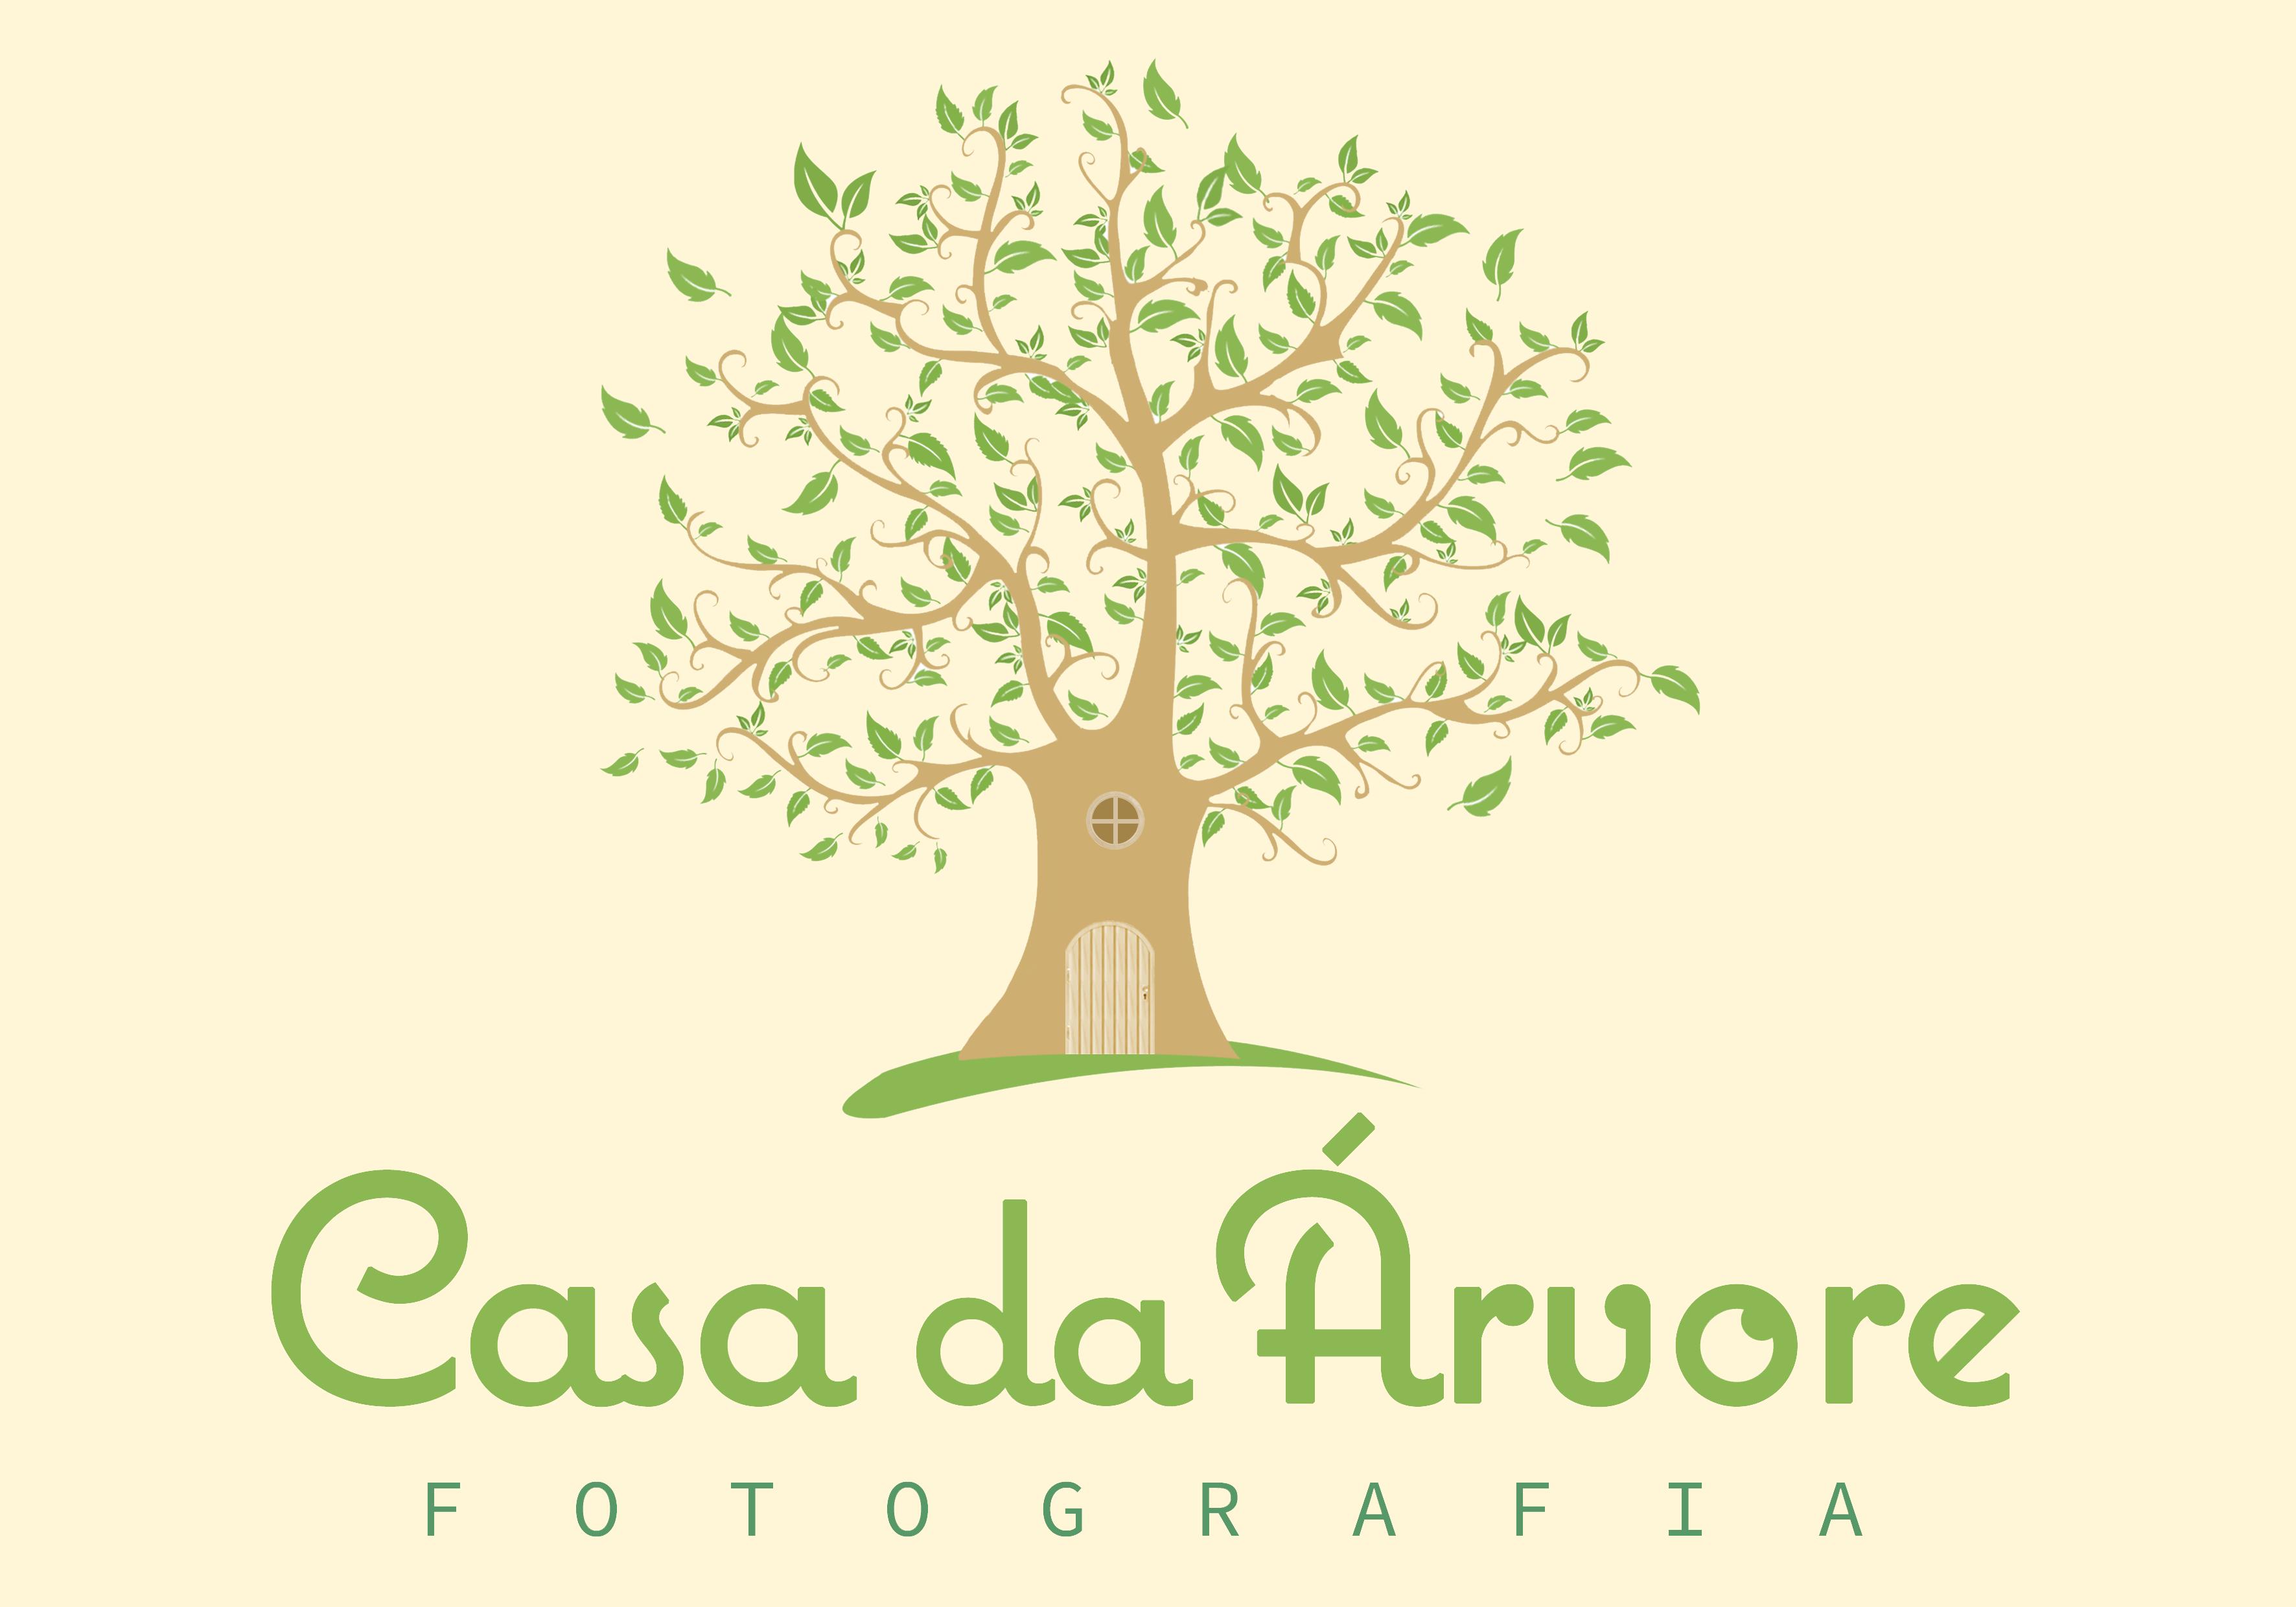 Contate Casa da Árvore Fotografia - Fotografia de bebês, crianças, adolescentes e famílias.